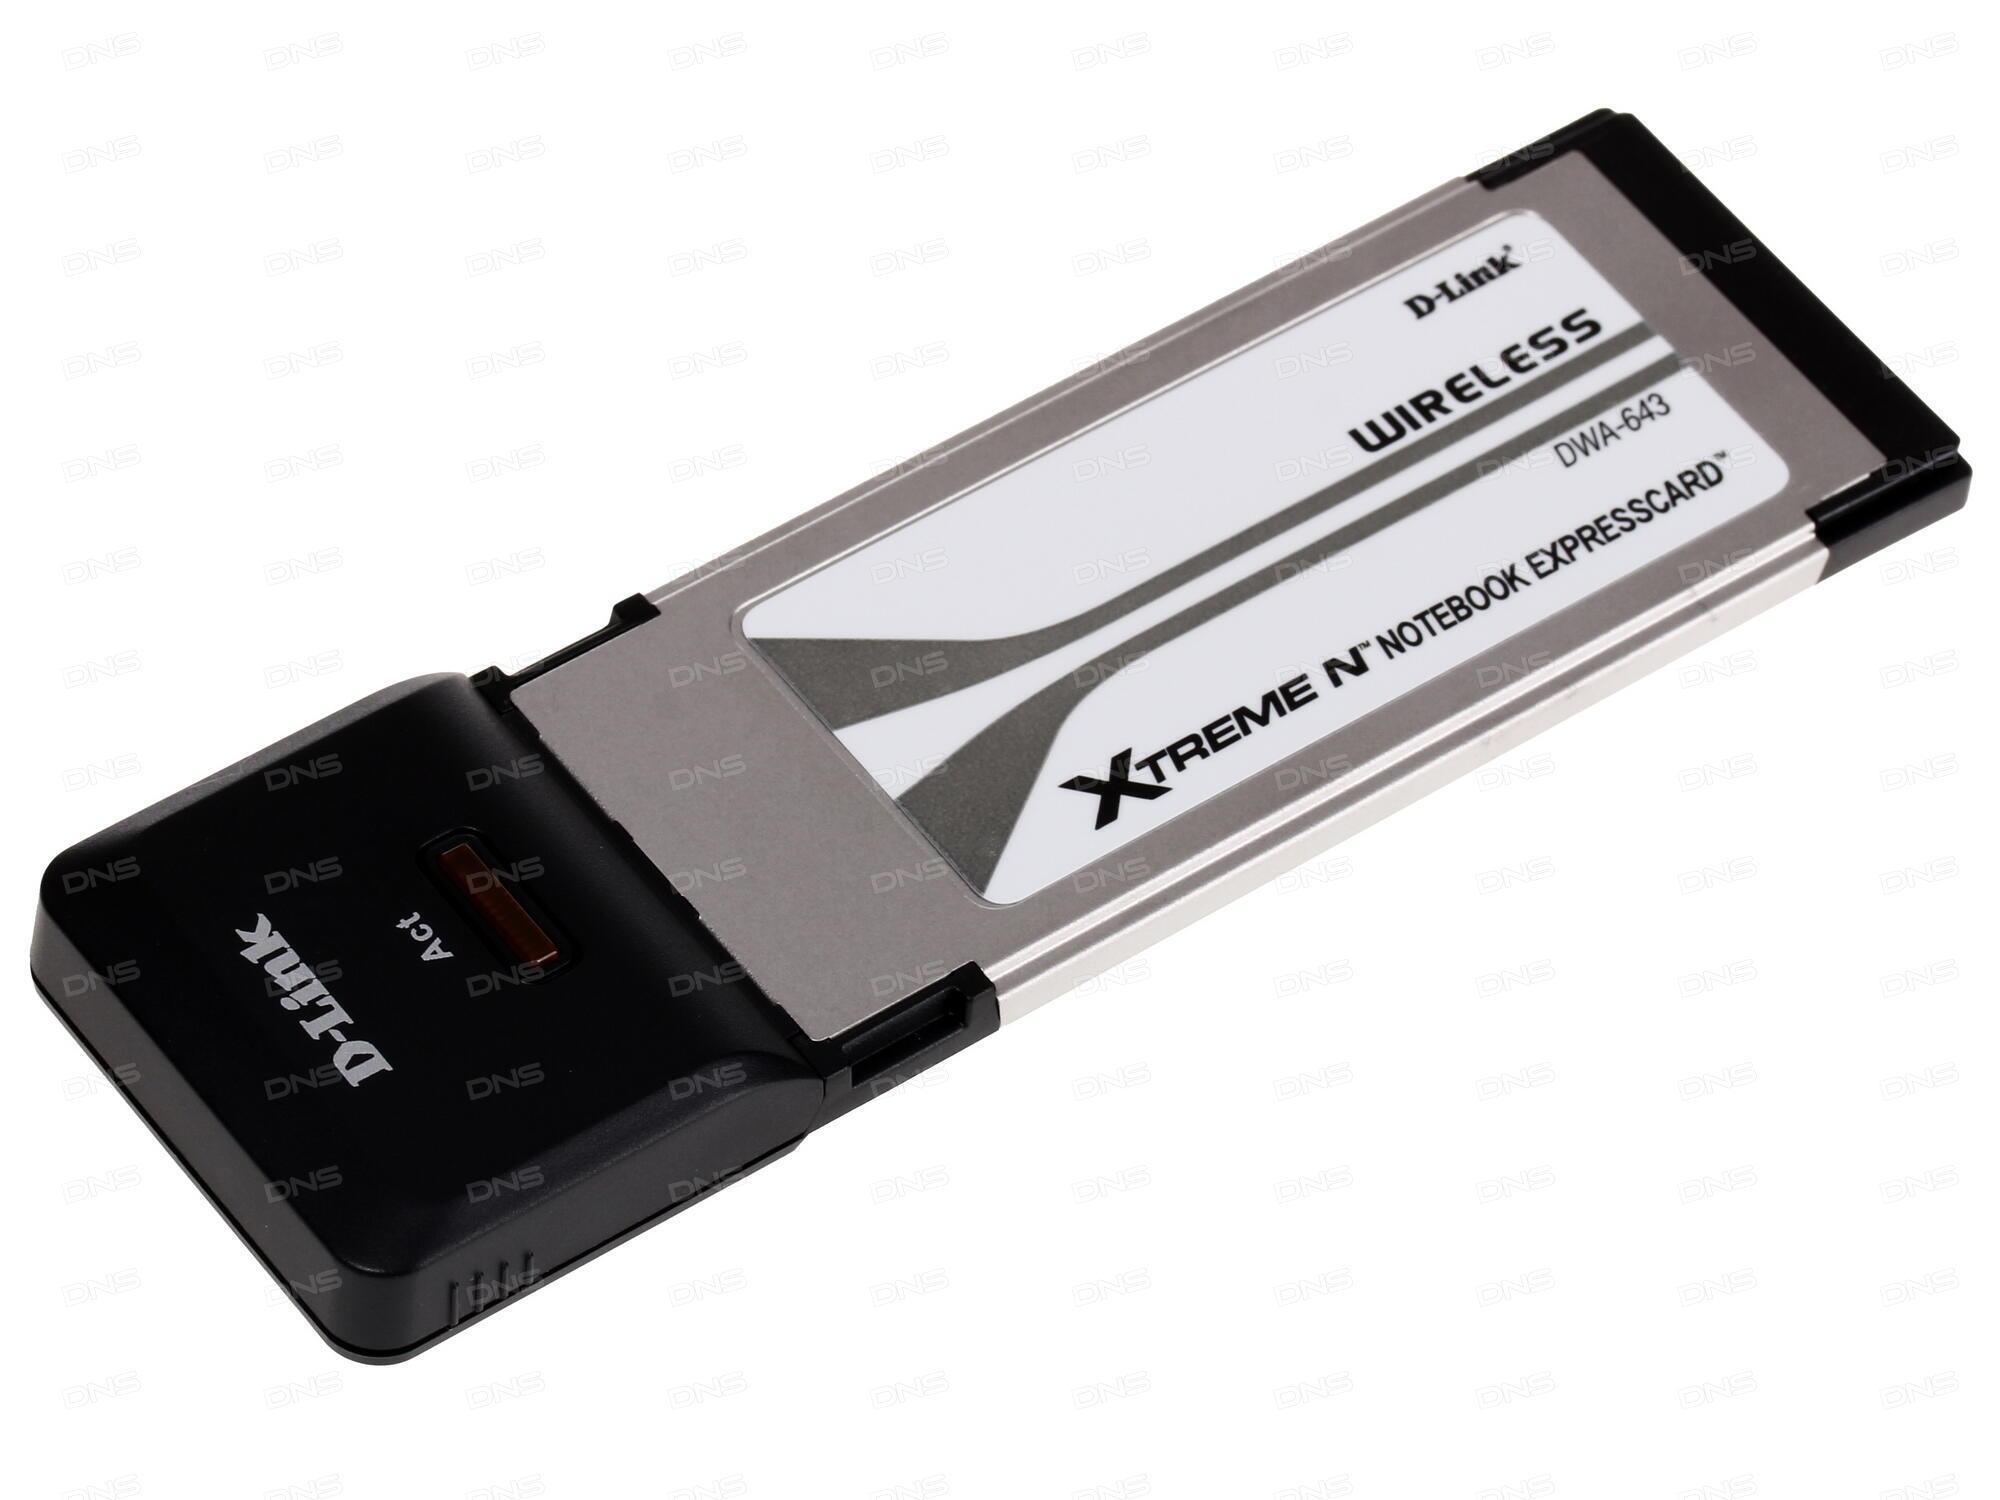 Адаптер D-Link DWR-710/B1A Беспроводной компактный маршрутизатор с поддержкой 3G/HSPA+